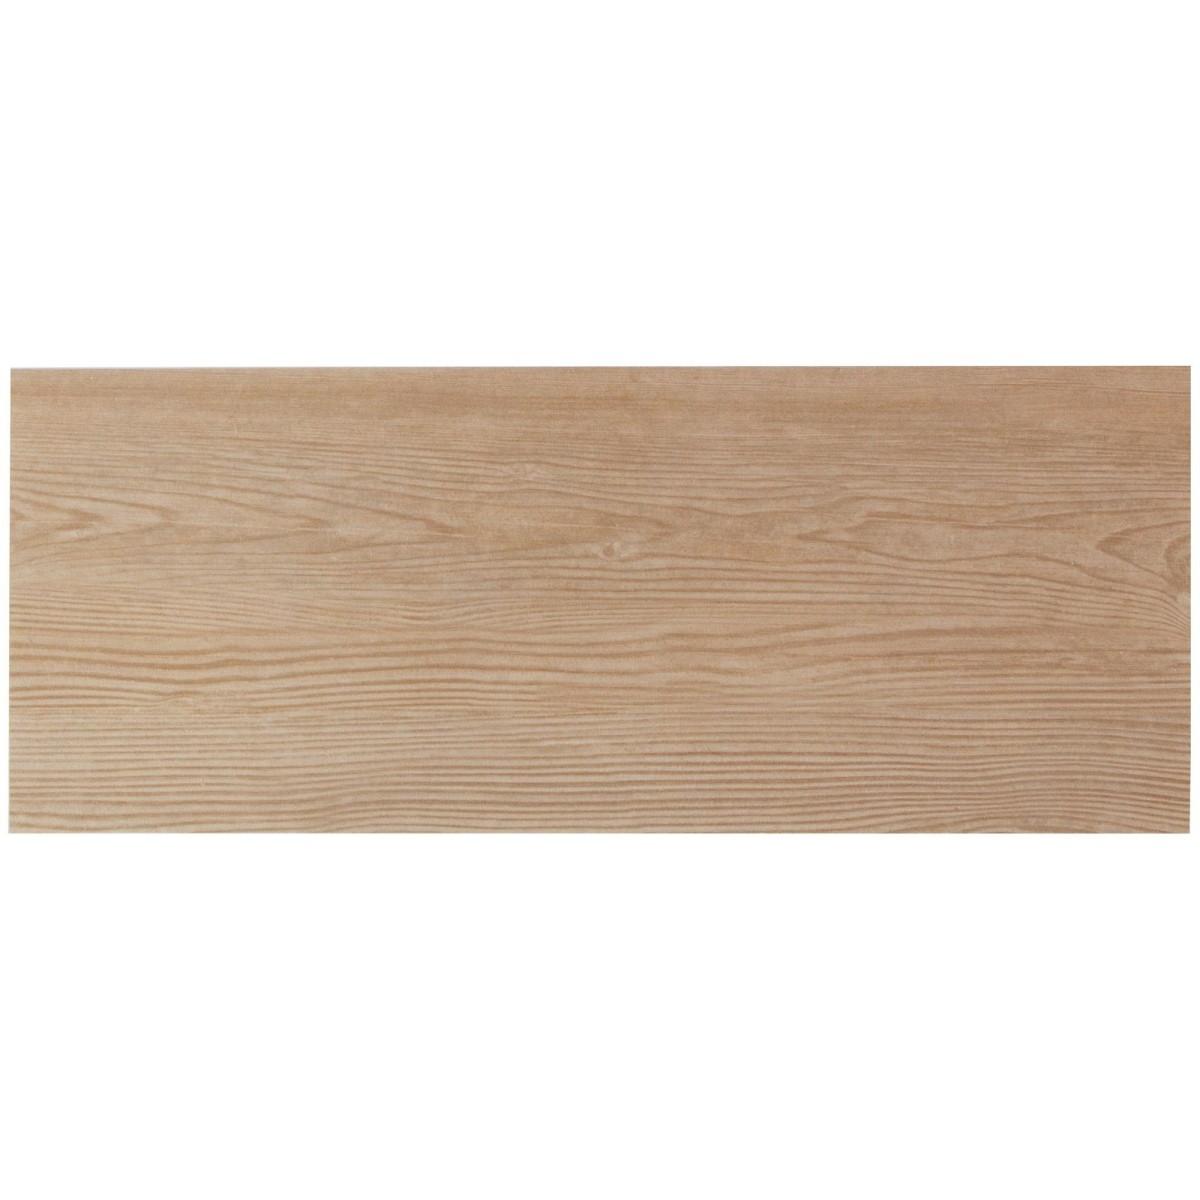 Керамогранит «Дартмут» 20.1х50.2 см 1.21 м2 цвет коричневый